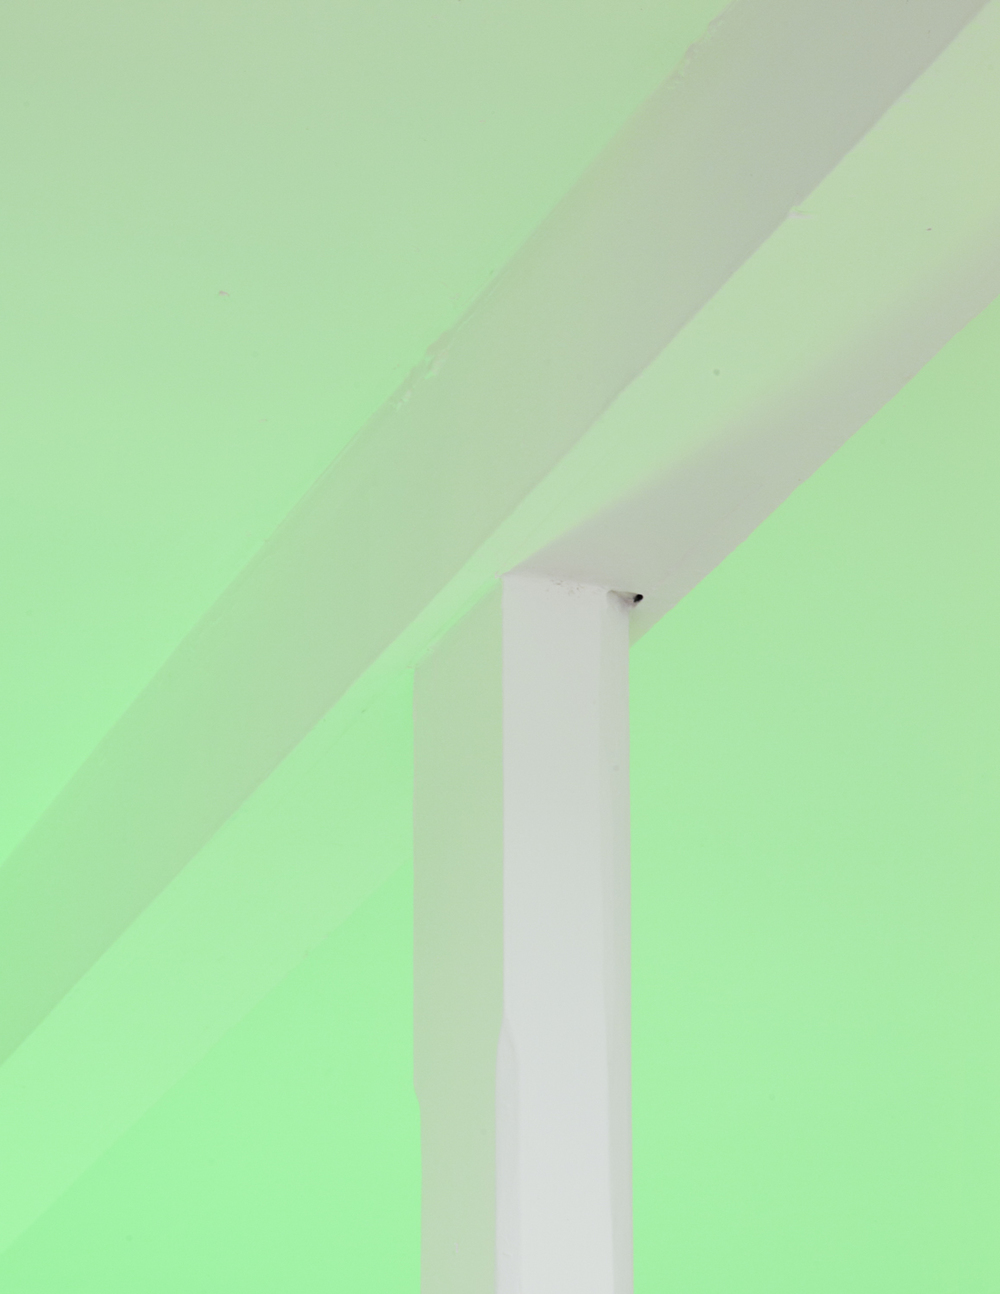 healy_na-36.jpg